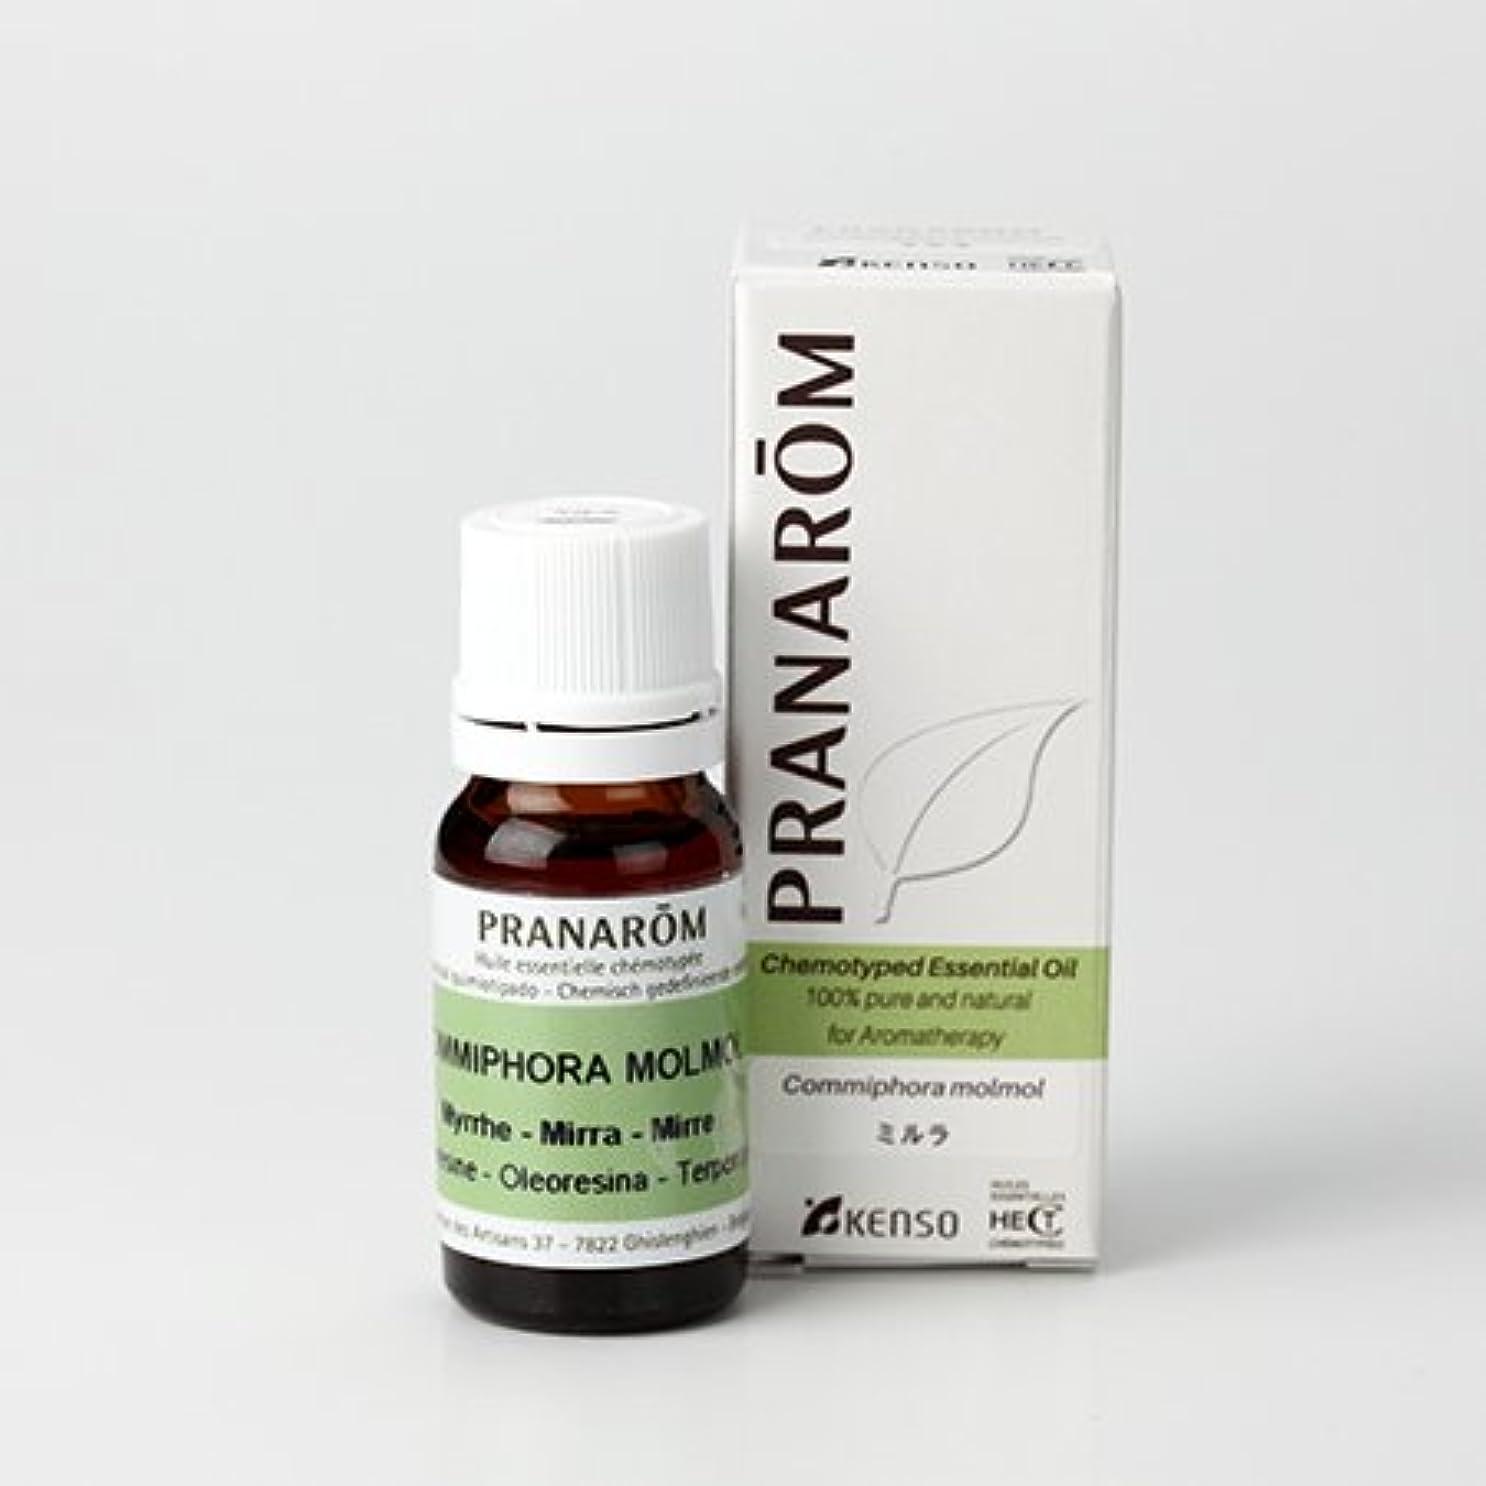 噴水ウガンダスケジュール【ミルラ 10ml】→ムスクに似た深い香り?(樹脂系)[PRANAROM(プラナロム)精油/アロマオイル/エッセンシャルオイル]P-48